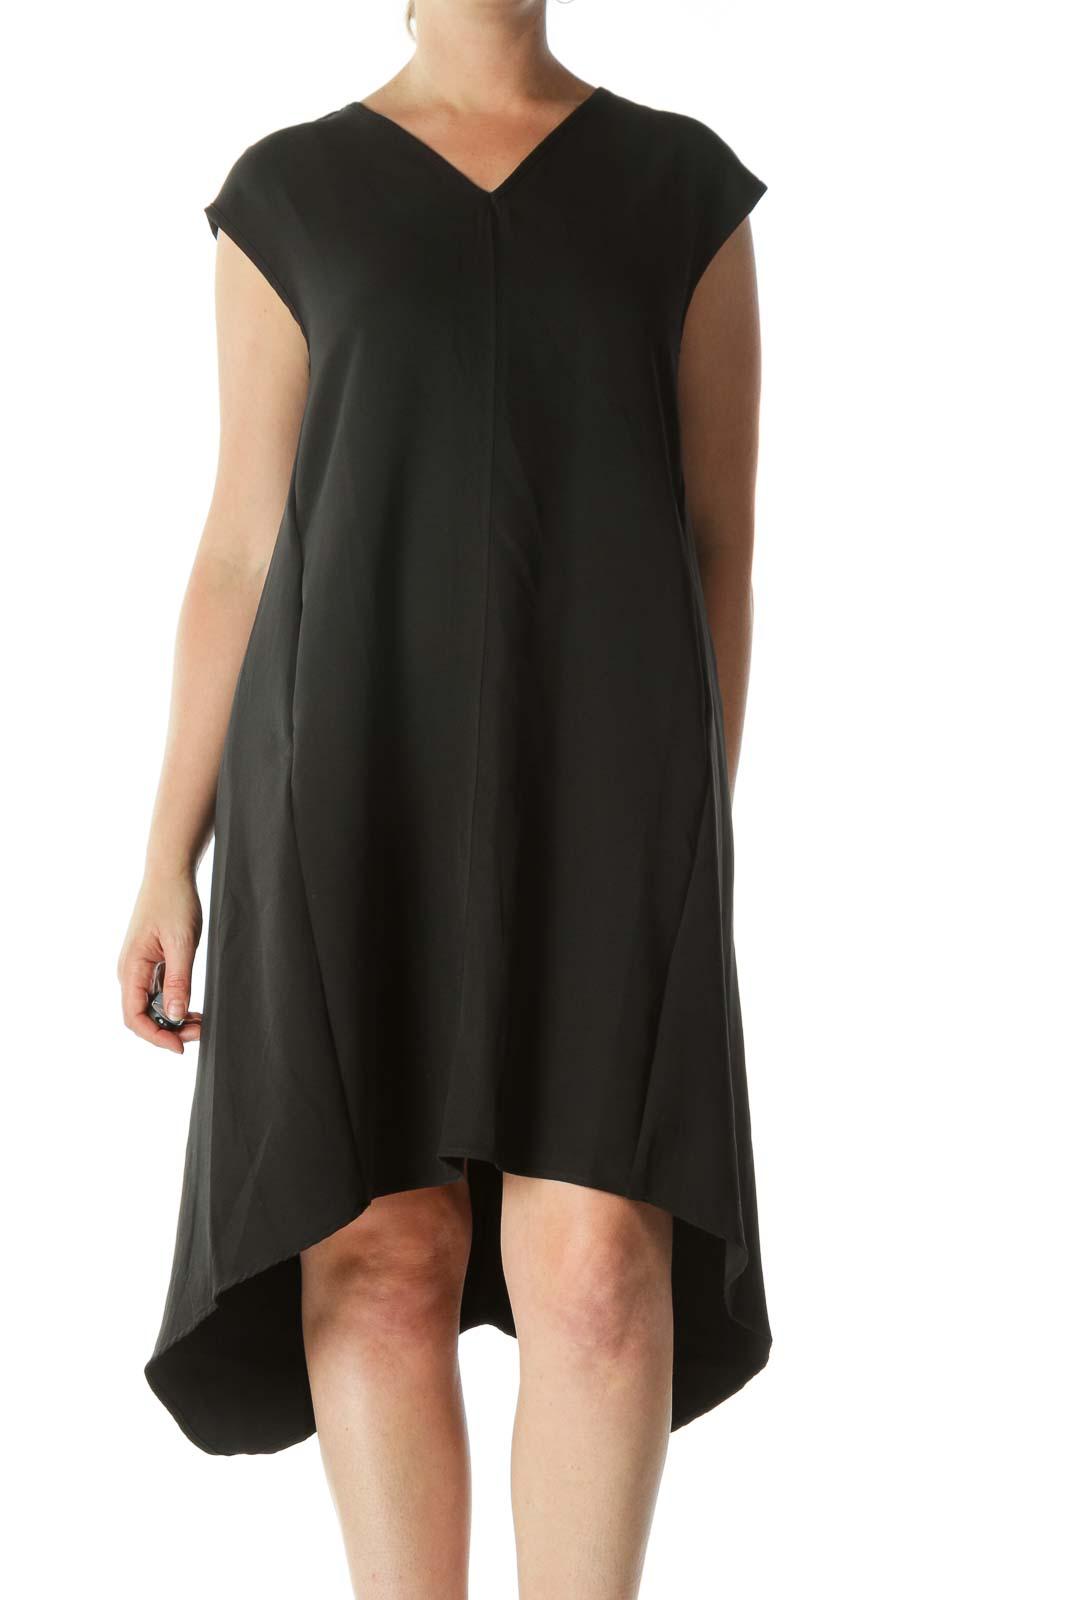 Black V-Neck Sleeveless Pocketed Day Dress